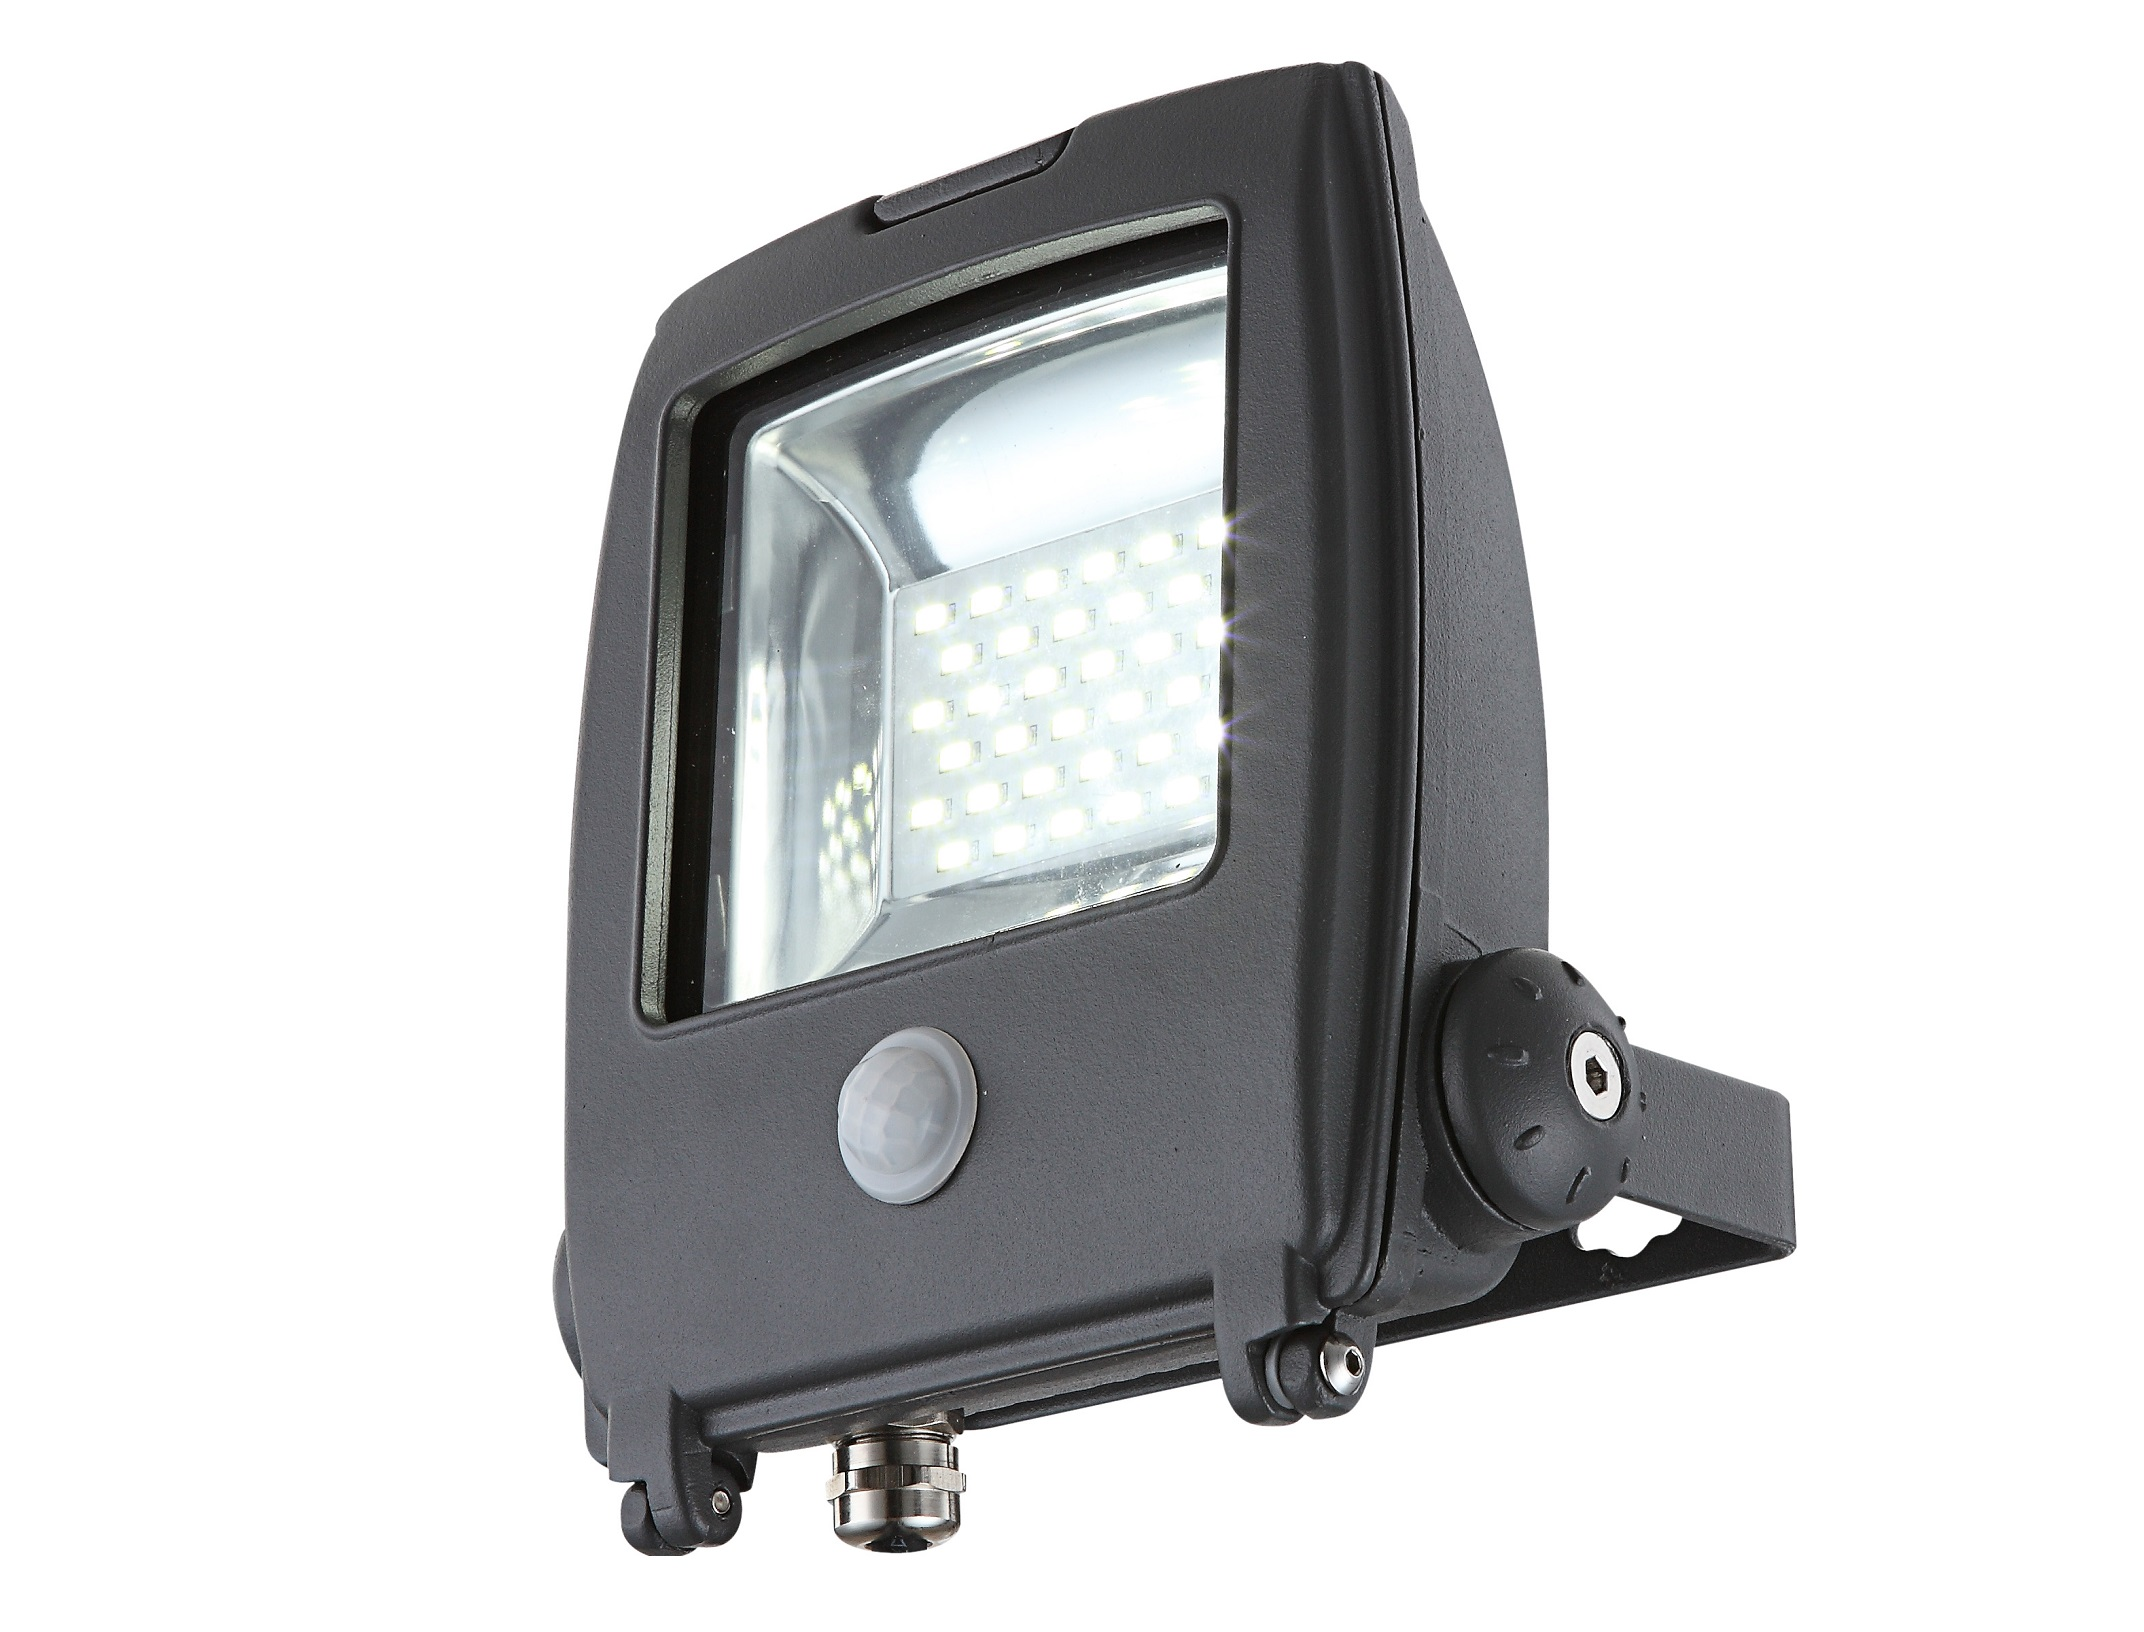 Светильник уличныйУличные настенные светильники<br>&amp;lt;div&amp;gt;&amp;lt;div&amp;gt;Вид цоколя: LED&amp;lt;/div&amp;gt;&amp;lt;div&amp;gt;Мощность: &amp;amp;nbsp;20W&amp;lt;/div&amp;gt;&amp;lt;div&amp;gt;Количество ламп: 1 (в комплекте)&amp;lt;/div&amp;gt;&amp;lt;div&amp;gt;&amp;lt;br&amp;gt;&amp;lt;/div&amp;gt;&amp;lt;/div&amp;gt;<br><br>Material: Металл<br>Ширина см: 10<br>Высота см: 18<br>Глубина см: 10